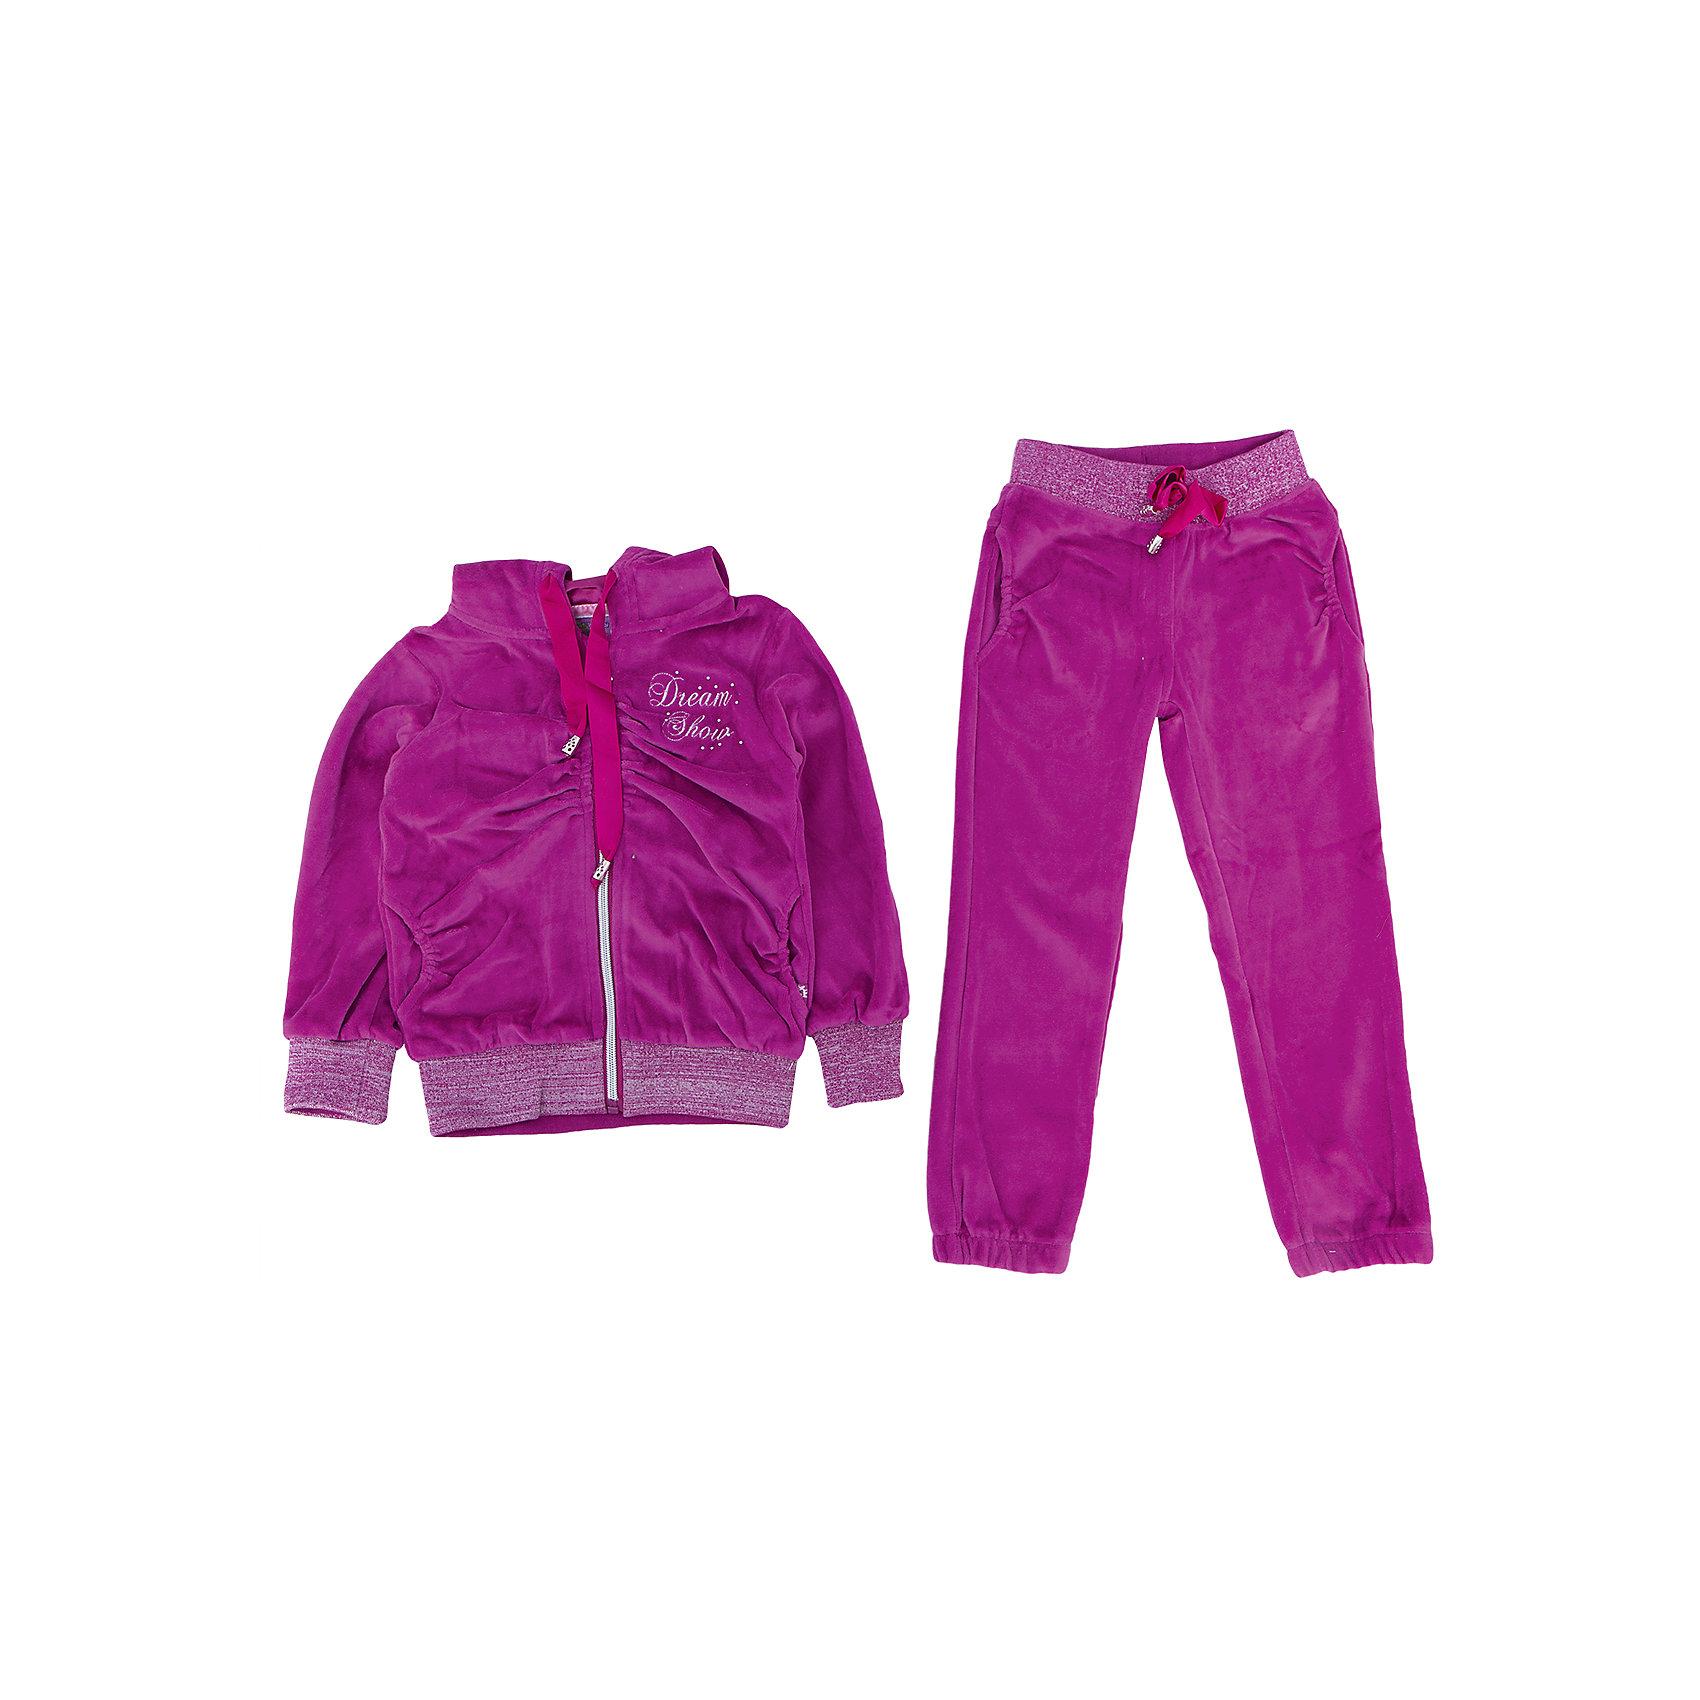 Спортивный костюм для девочки Sweet BerryСпортивный костюм – важная часть школьной жизни девочки. Красивый костюм может пробудить желание ходить на занятия физкультурой, а качественный костюм прослужит долго, не теряя при этом своих прямых функций. Костюм от фирмы Sweet Berry выполнен из нежного велюра, приятного для тела, но прочного для растягивающих нагрузок. У брюк есть пояс – резинка. Кофта застегивается на молнию. Присутствует капюшон. Материалы, использованные при изготовлении одежды, полностью безопасны для детей и отвечают всем требованиям по качеству продукции данной категории.<br><br>Дополнительная информация: <br><br>манжеты на рукавах;<br>наличие капюшона;<br>цвет: лиловый;<br>материал: хлопок 95%, эластан 5%.<br><br>Спортивный костюм для девочки от компании Sweet Berry можно приобрести в нашем магазине.<br><br>Ширина мм: 247<br>Глубина мм: 16<br>Высота мм: 140<br>Вес г: 225<br>Цвет: фиолетовый<br>Возраст от месяцев: 24<br>Возраст до месяцев: 36<br>Пол: Женский<br>Возраст: Детский<br>Размер: 98,104,110,116,122,128<br>SKU: 4931736